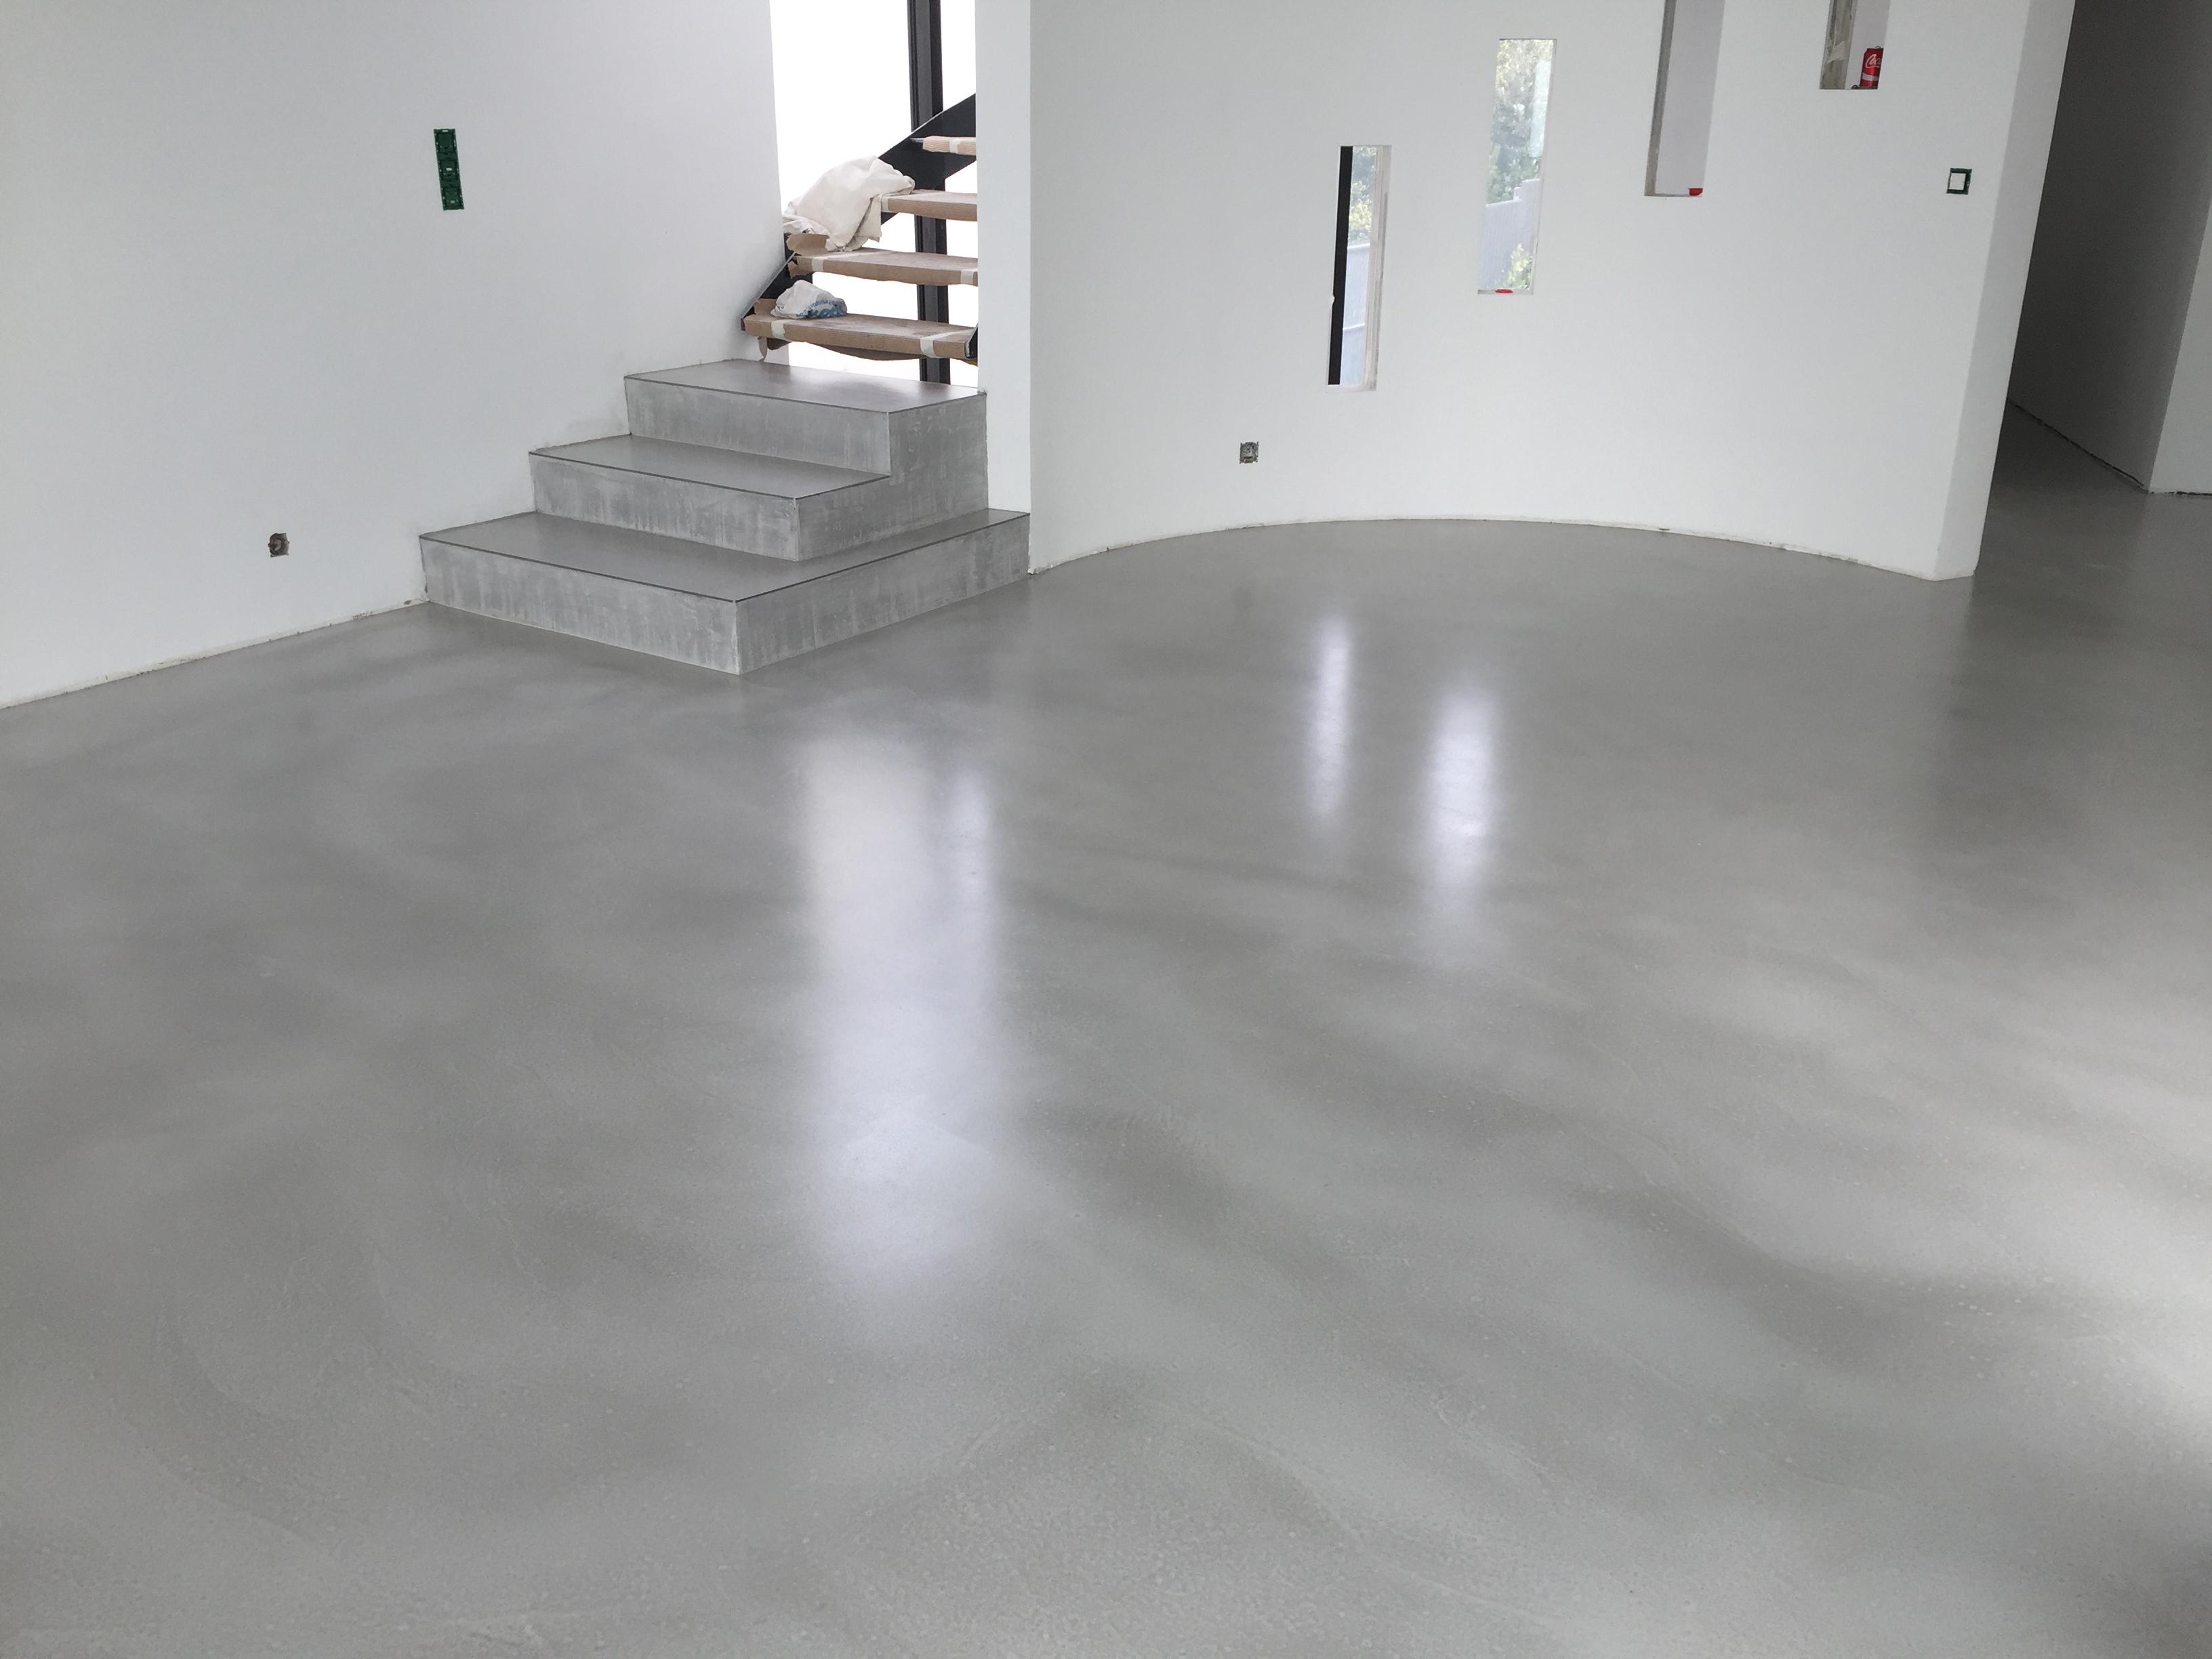 Meuble En Béton Ciré béton ciré - solution originale pour vos espaces - dh rénovation